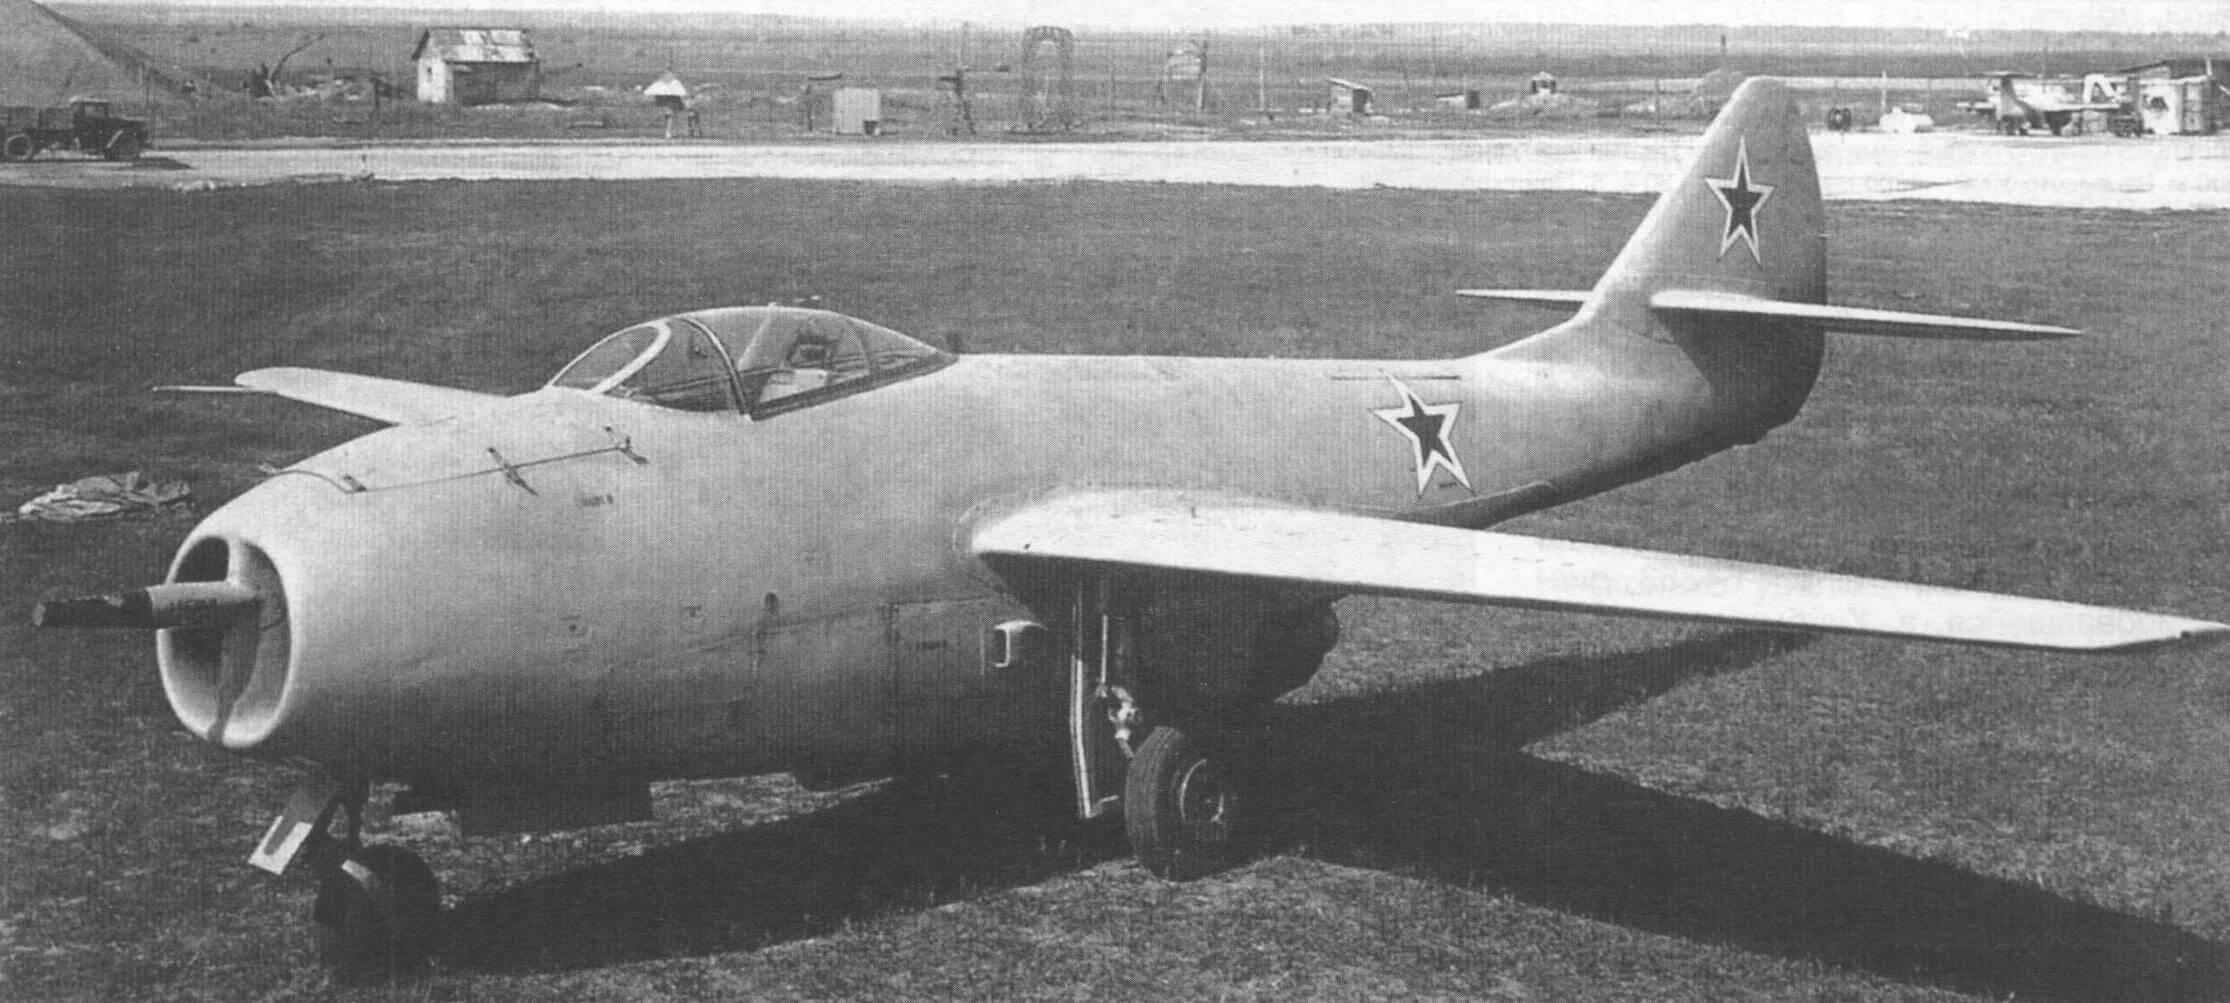 Возможно, это один из первых серийных МиГ-9, изготовленный для участия в параде. Наличие одной крупнокалиберной пушки может свидетельствовать лишь о необходимости сохранения необходимой центровки самолета